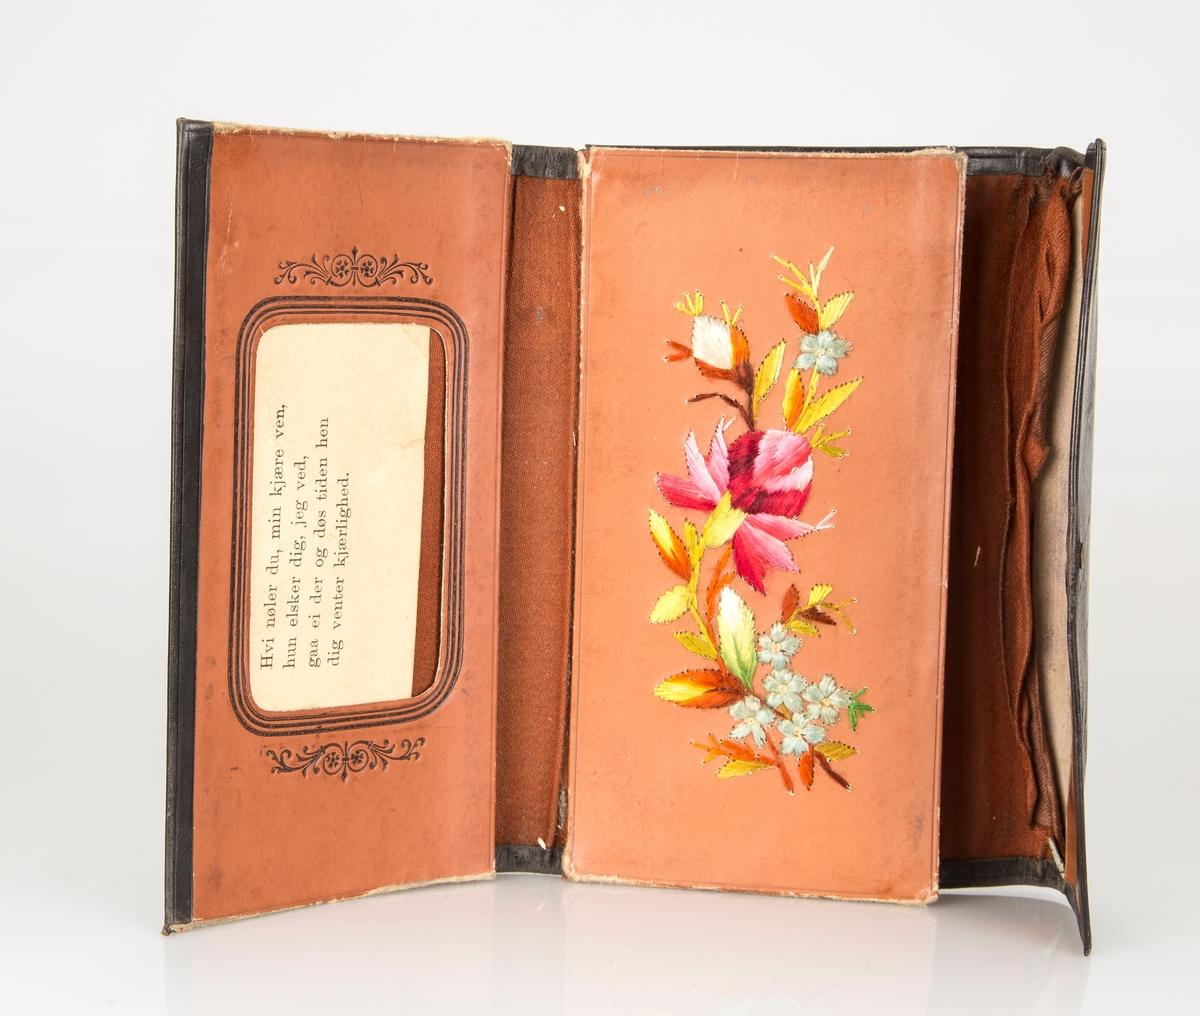 firkantet mappe /lommebok med klaff med låsanordning. Inneholder 2 brev fra broren Tom og noen kort med dyremotiv. Amundsen. Broderi på innsiden.